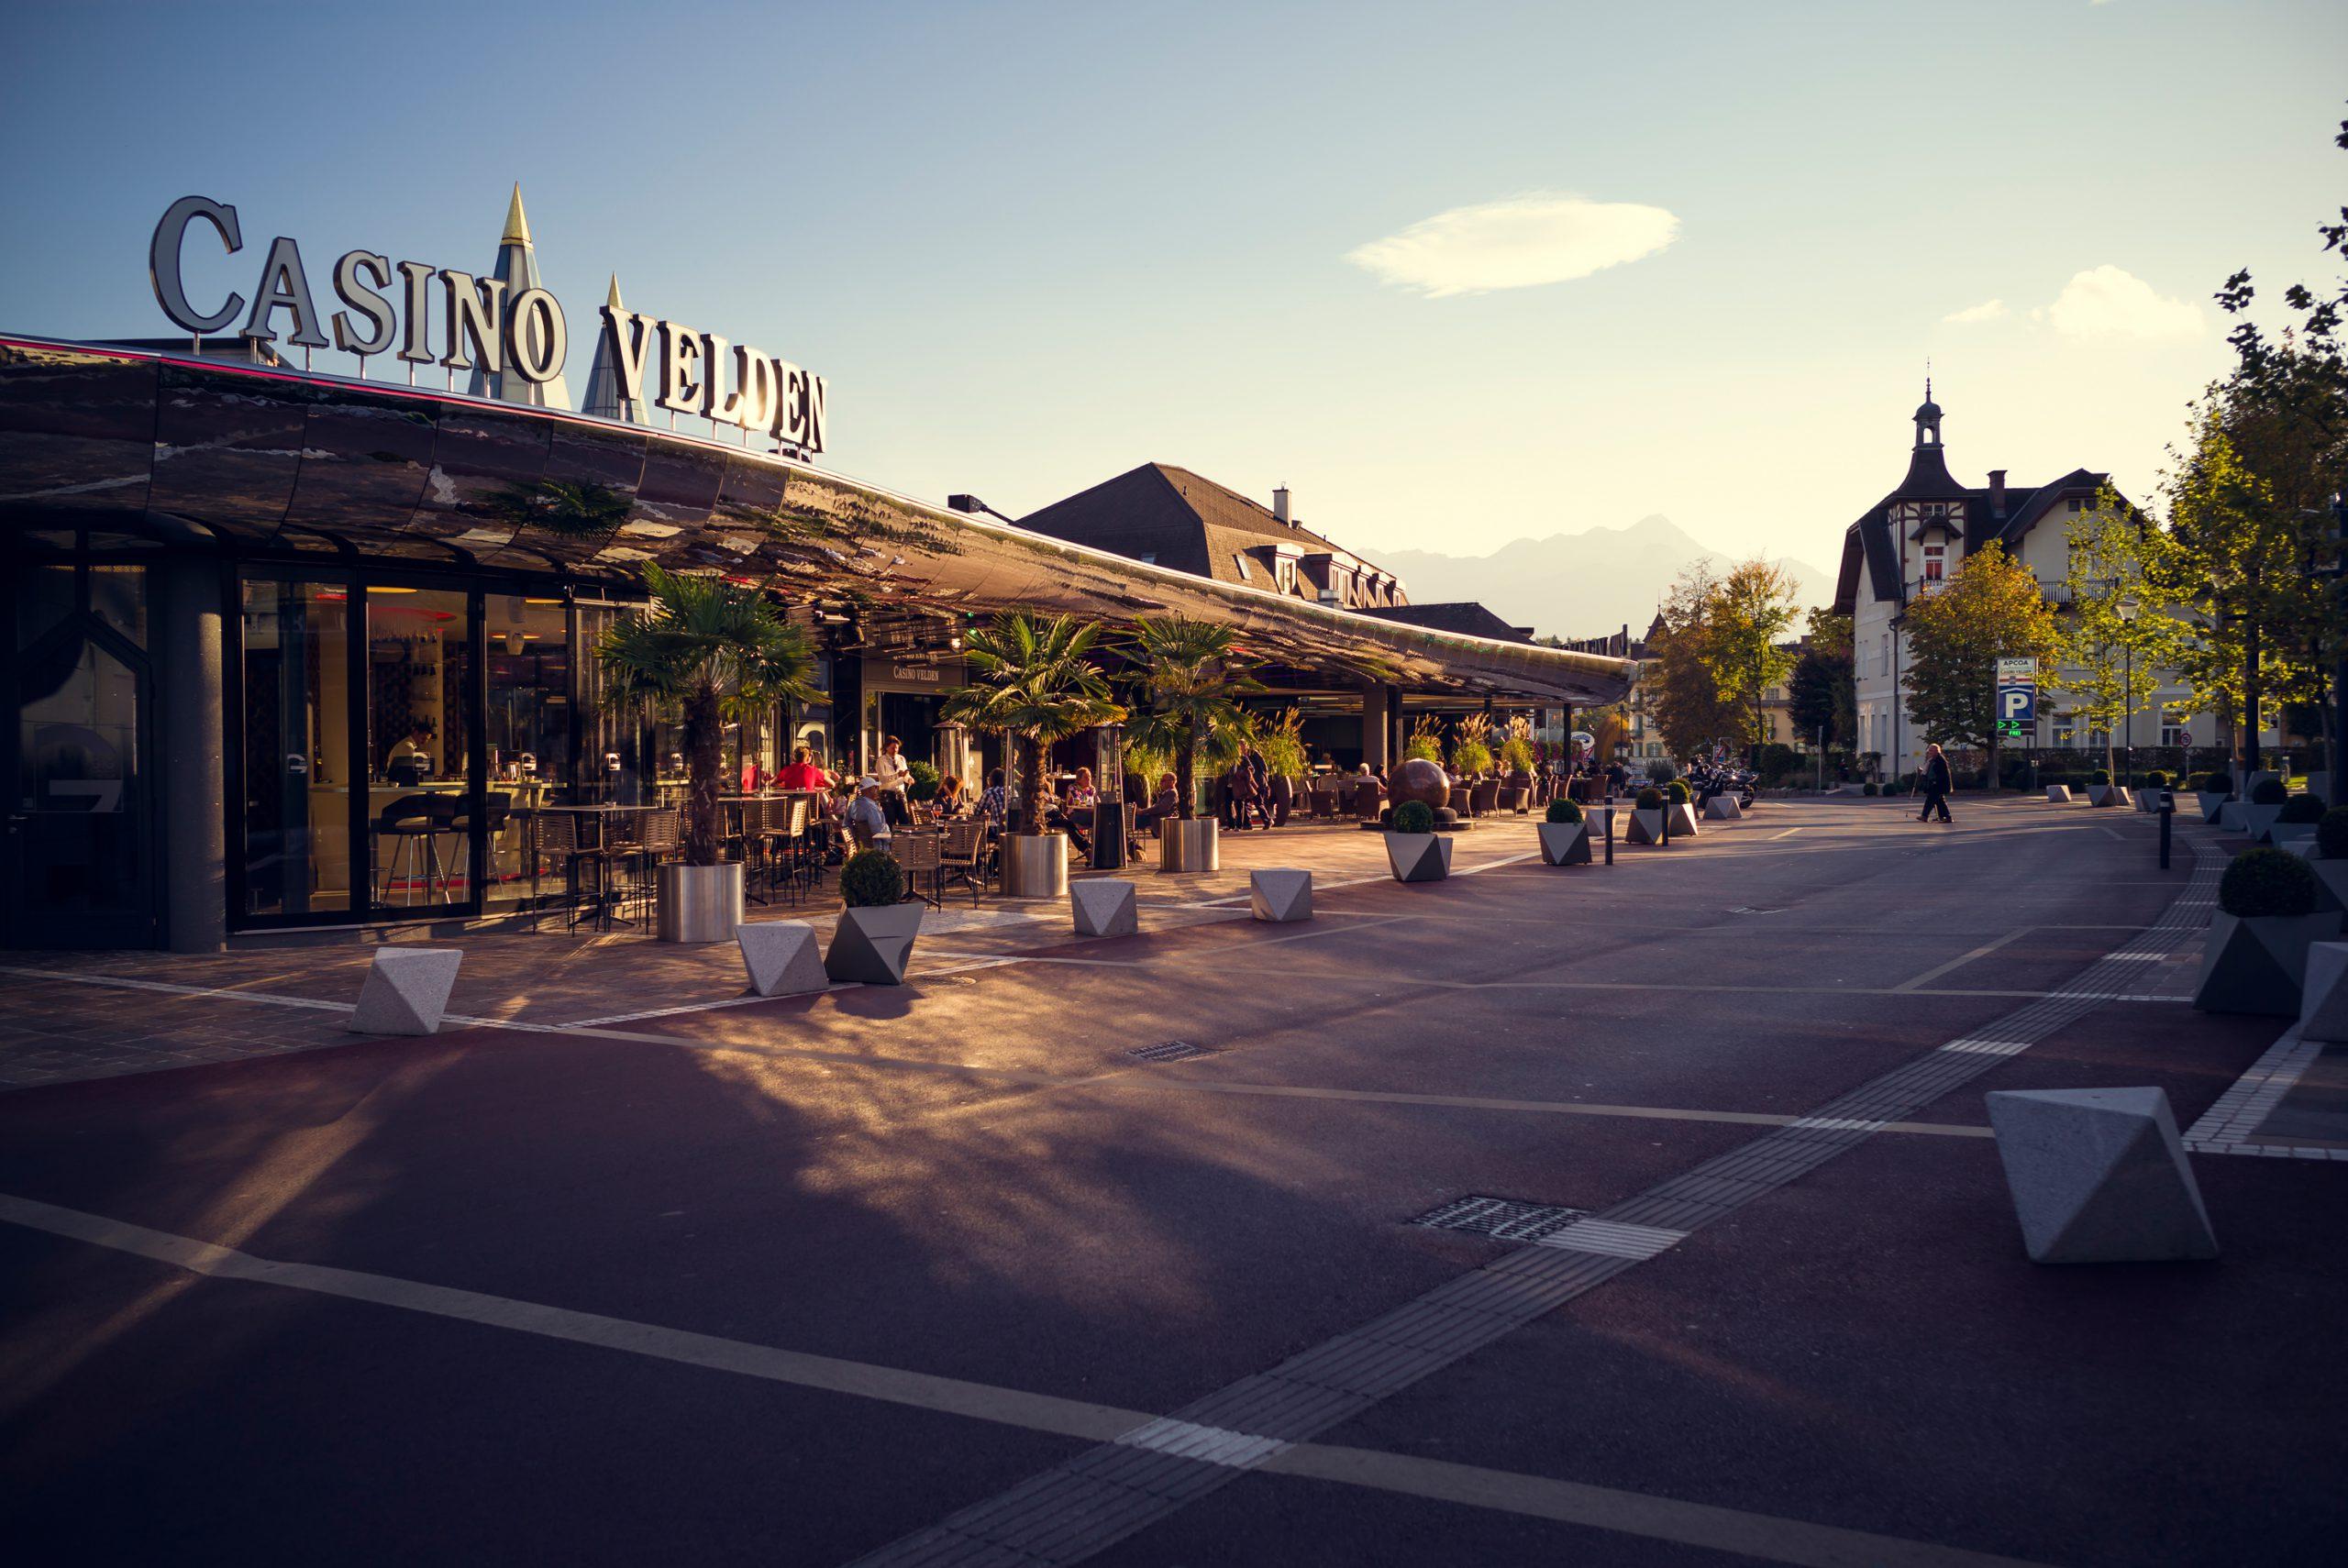 das Casino Velden ist eines der modernsten Casinos in Europa - auf alle Fälle einen Besuch wert